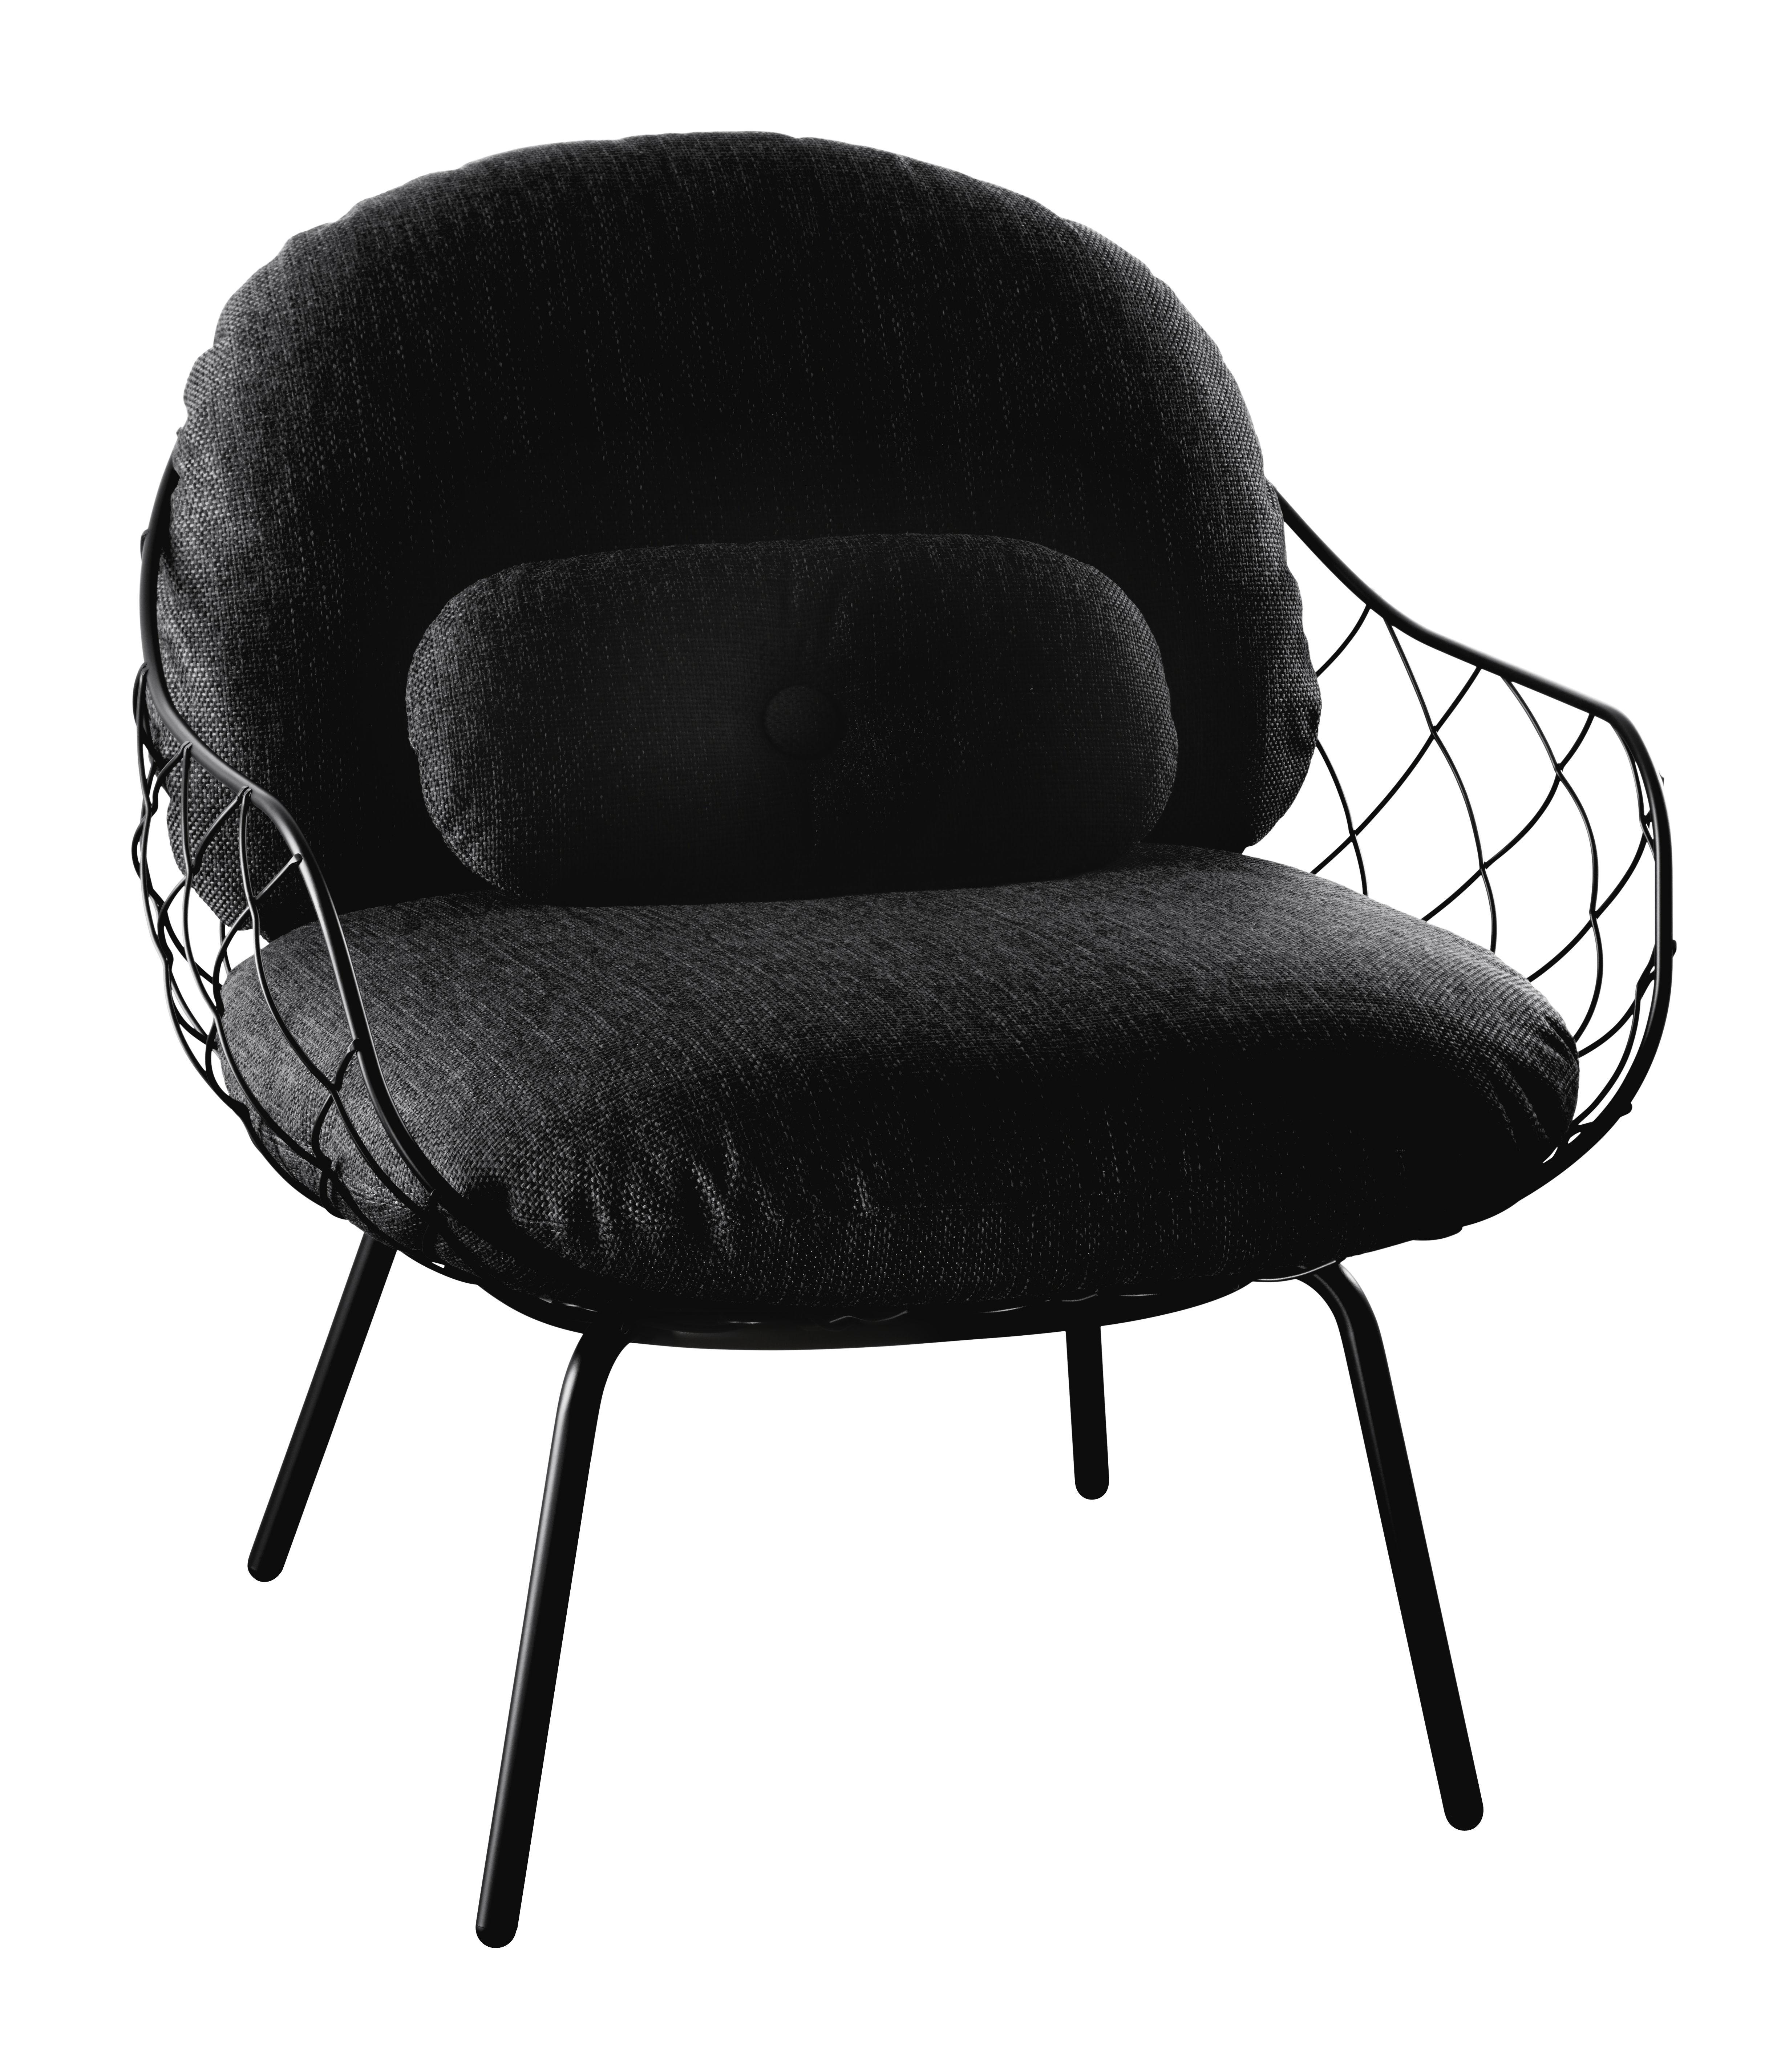 Möbel - Lounge Sessel - Pina Outdoor Gepolsterter Sessel / Stoffbezug - mit Lendenkissen - Magis - Gestell schwarz / Kissen schwarz - gefirnister Stahl, Gewebe, Polyurethanschaum